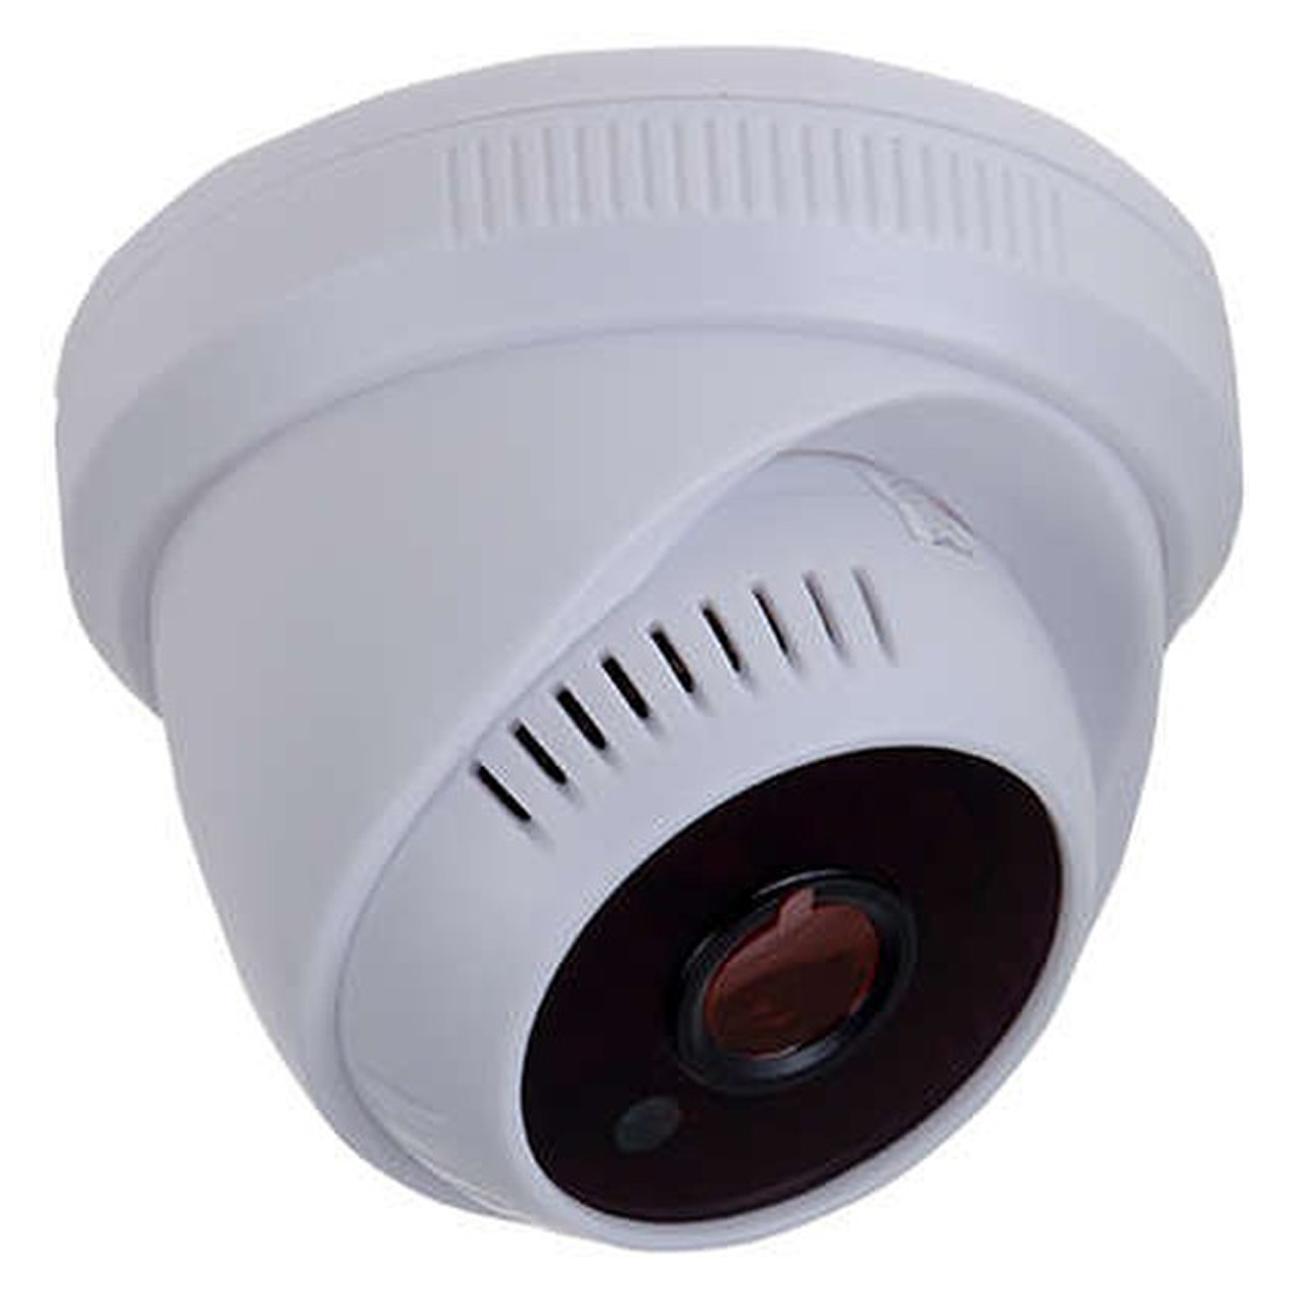 Фото Купольная камера AHD Rexant 1.0 Мп (720P), ИК до 20 м, встроенный микрофон {45-0155}